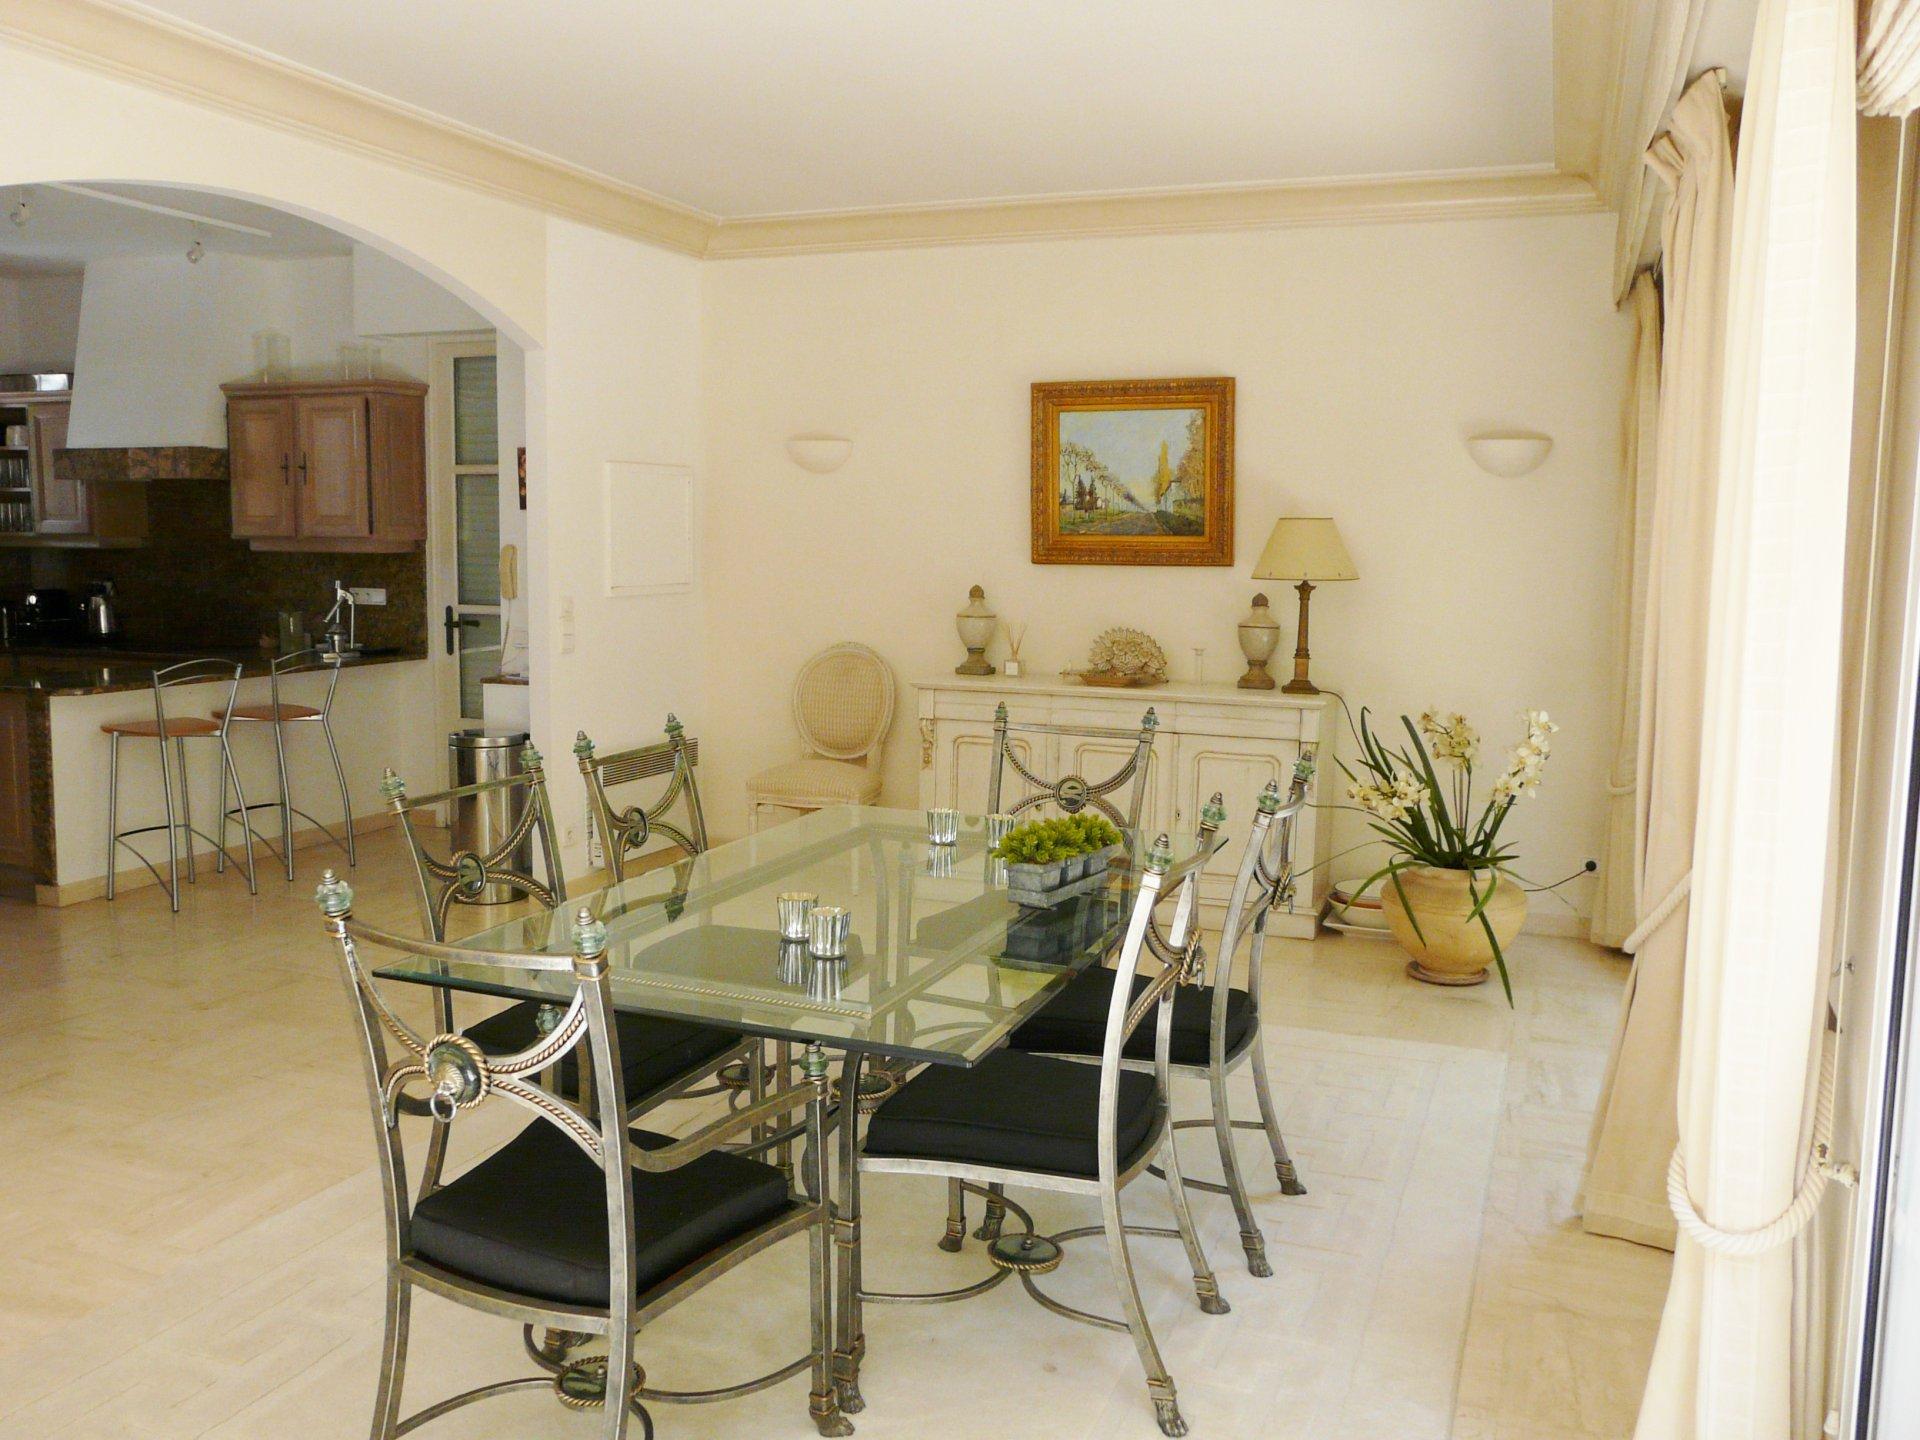 Dining room, kitchen bar, tile